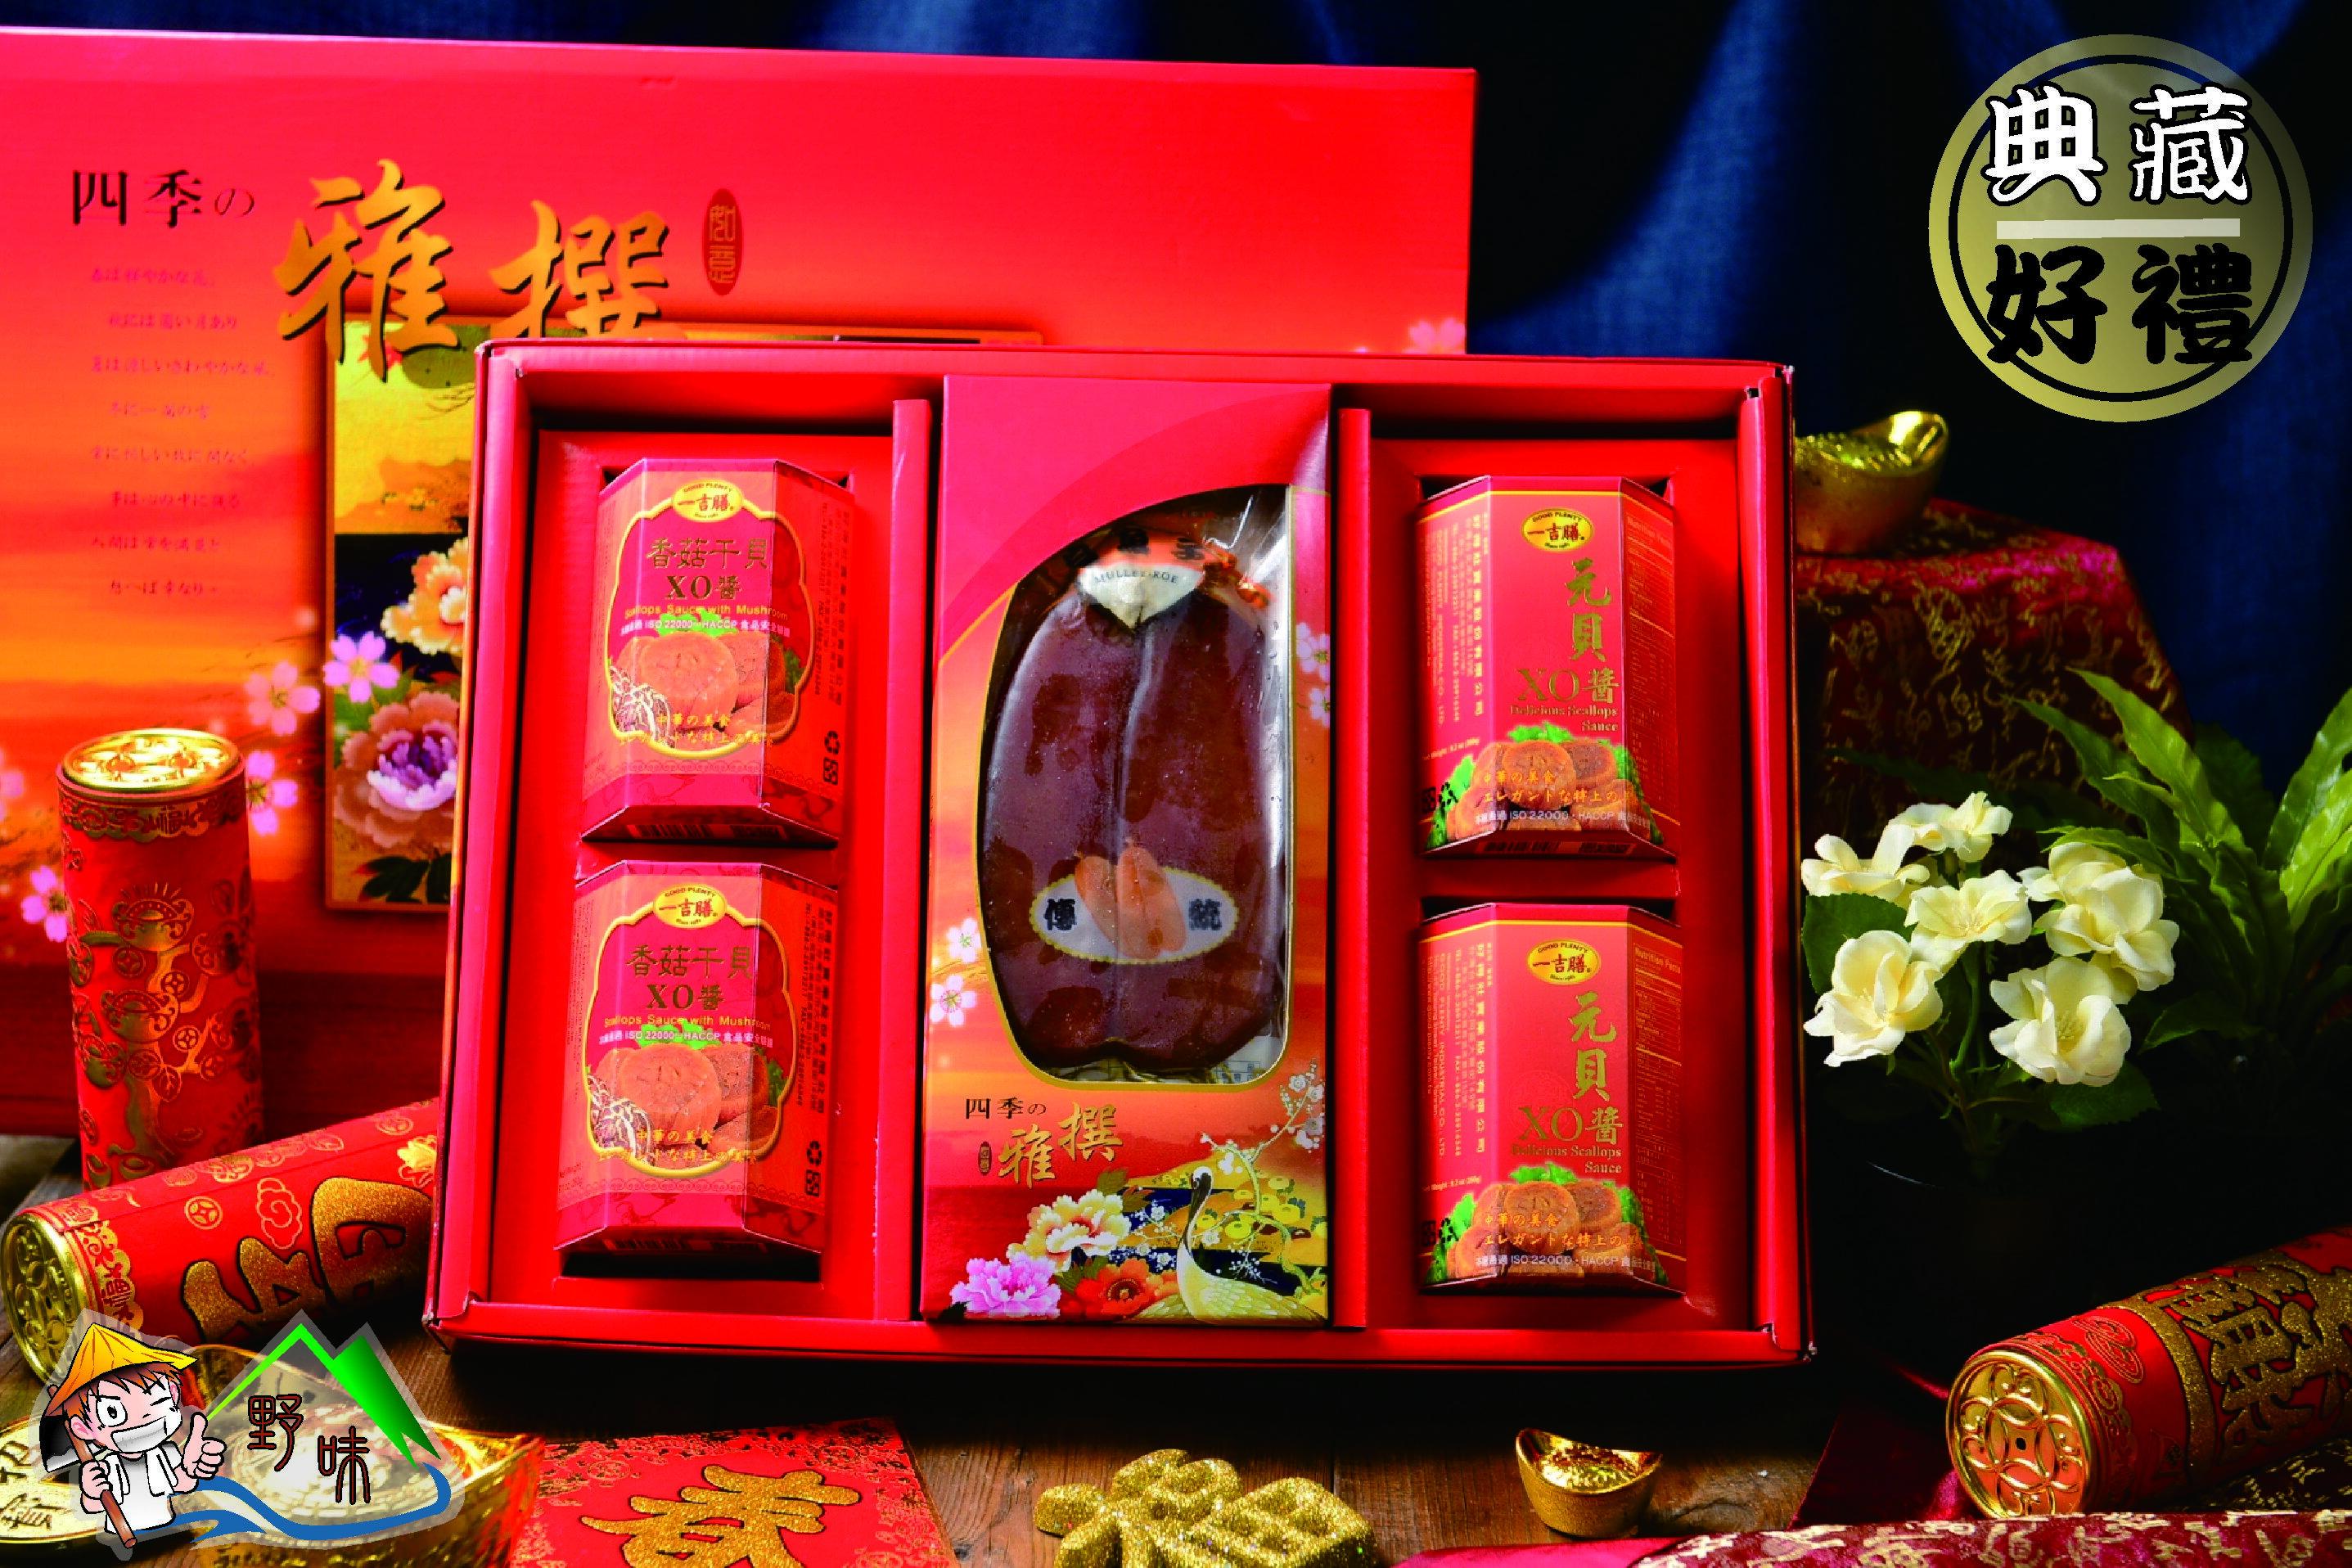 【野味食品】四季雅撰27(台灣野生烏魚子+一吉膳元貝XO醬+一吉膳香菇XO醬罐頭)(附贈年節禮盒、禮袋)(春節禮盒,傳統禮盒,年貨禮盒)